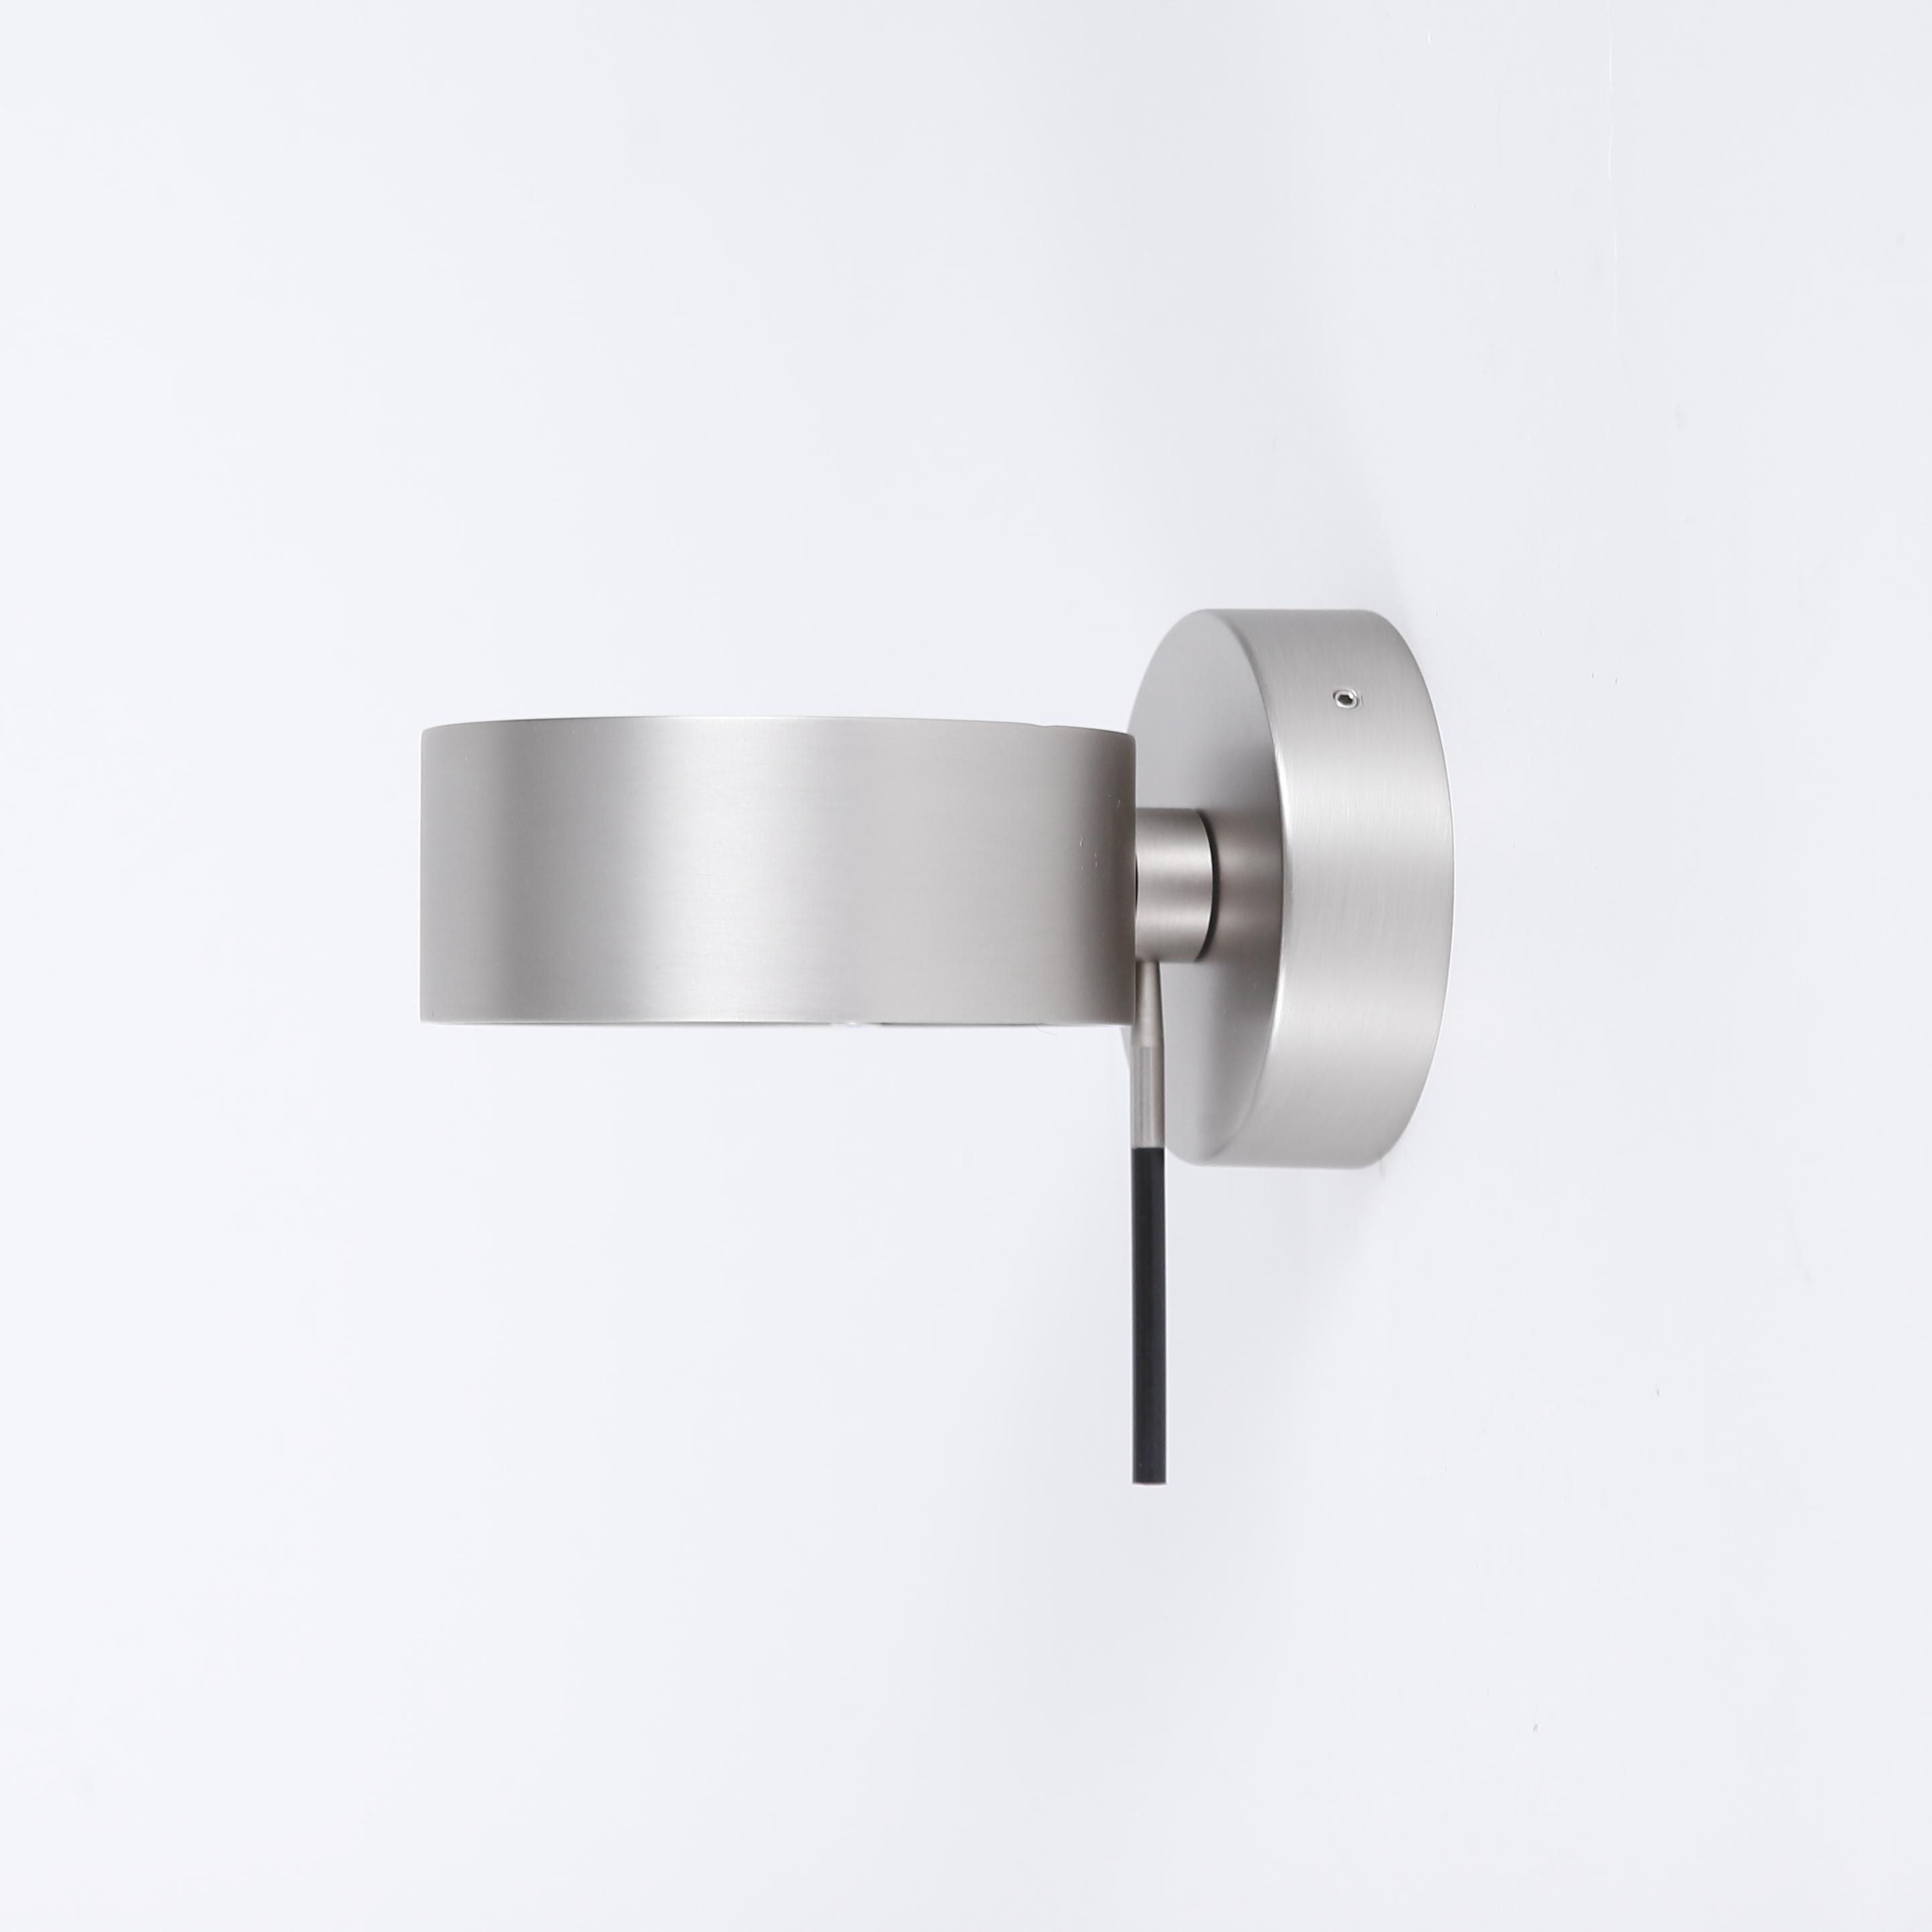 top light puk wall ball nickel matt led wohnlicht. Black Bedroom Furniture Sets. Home Design Ideas